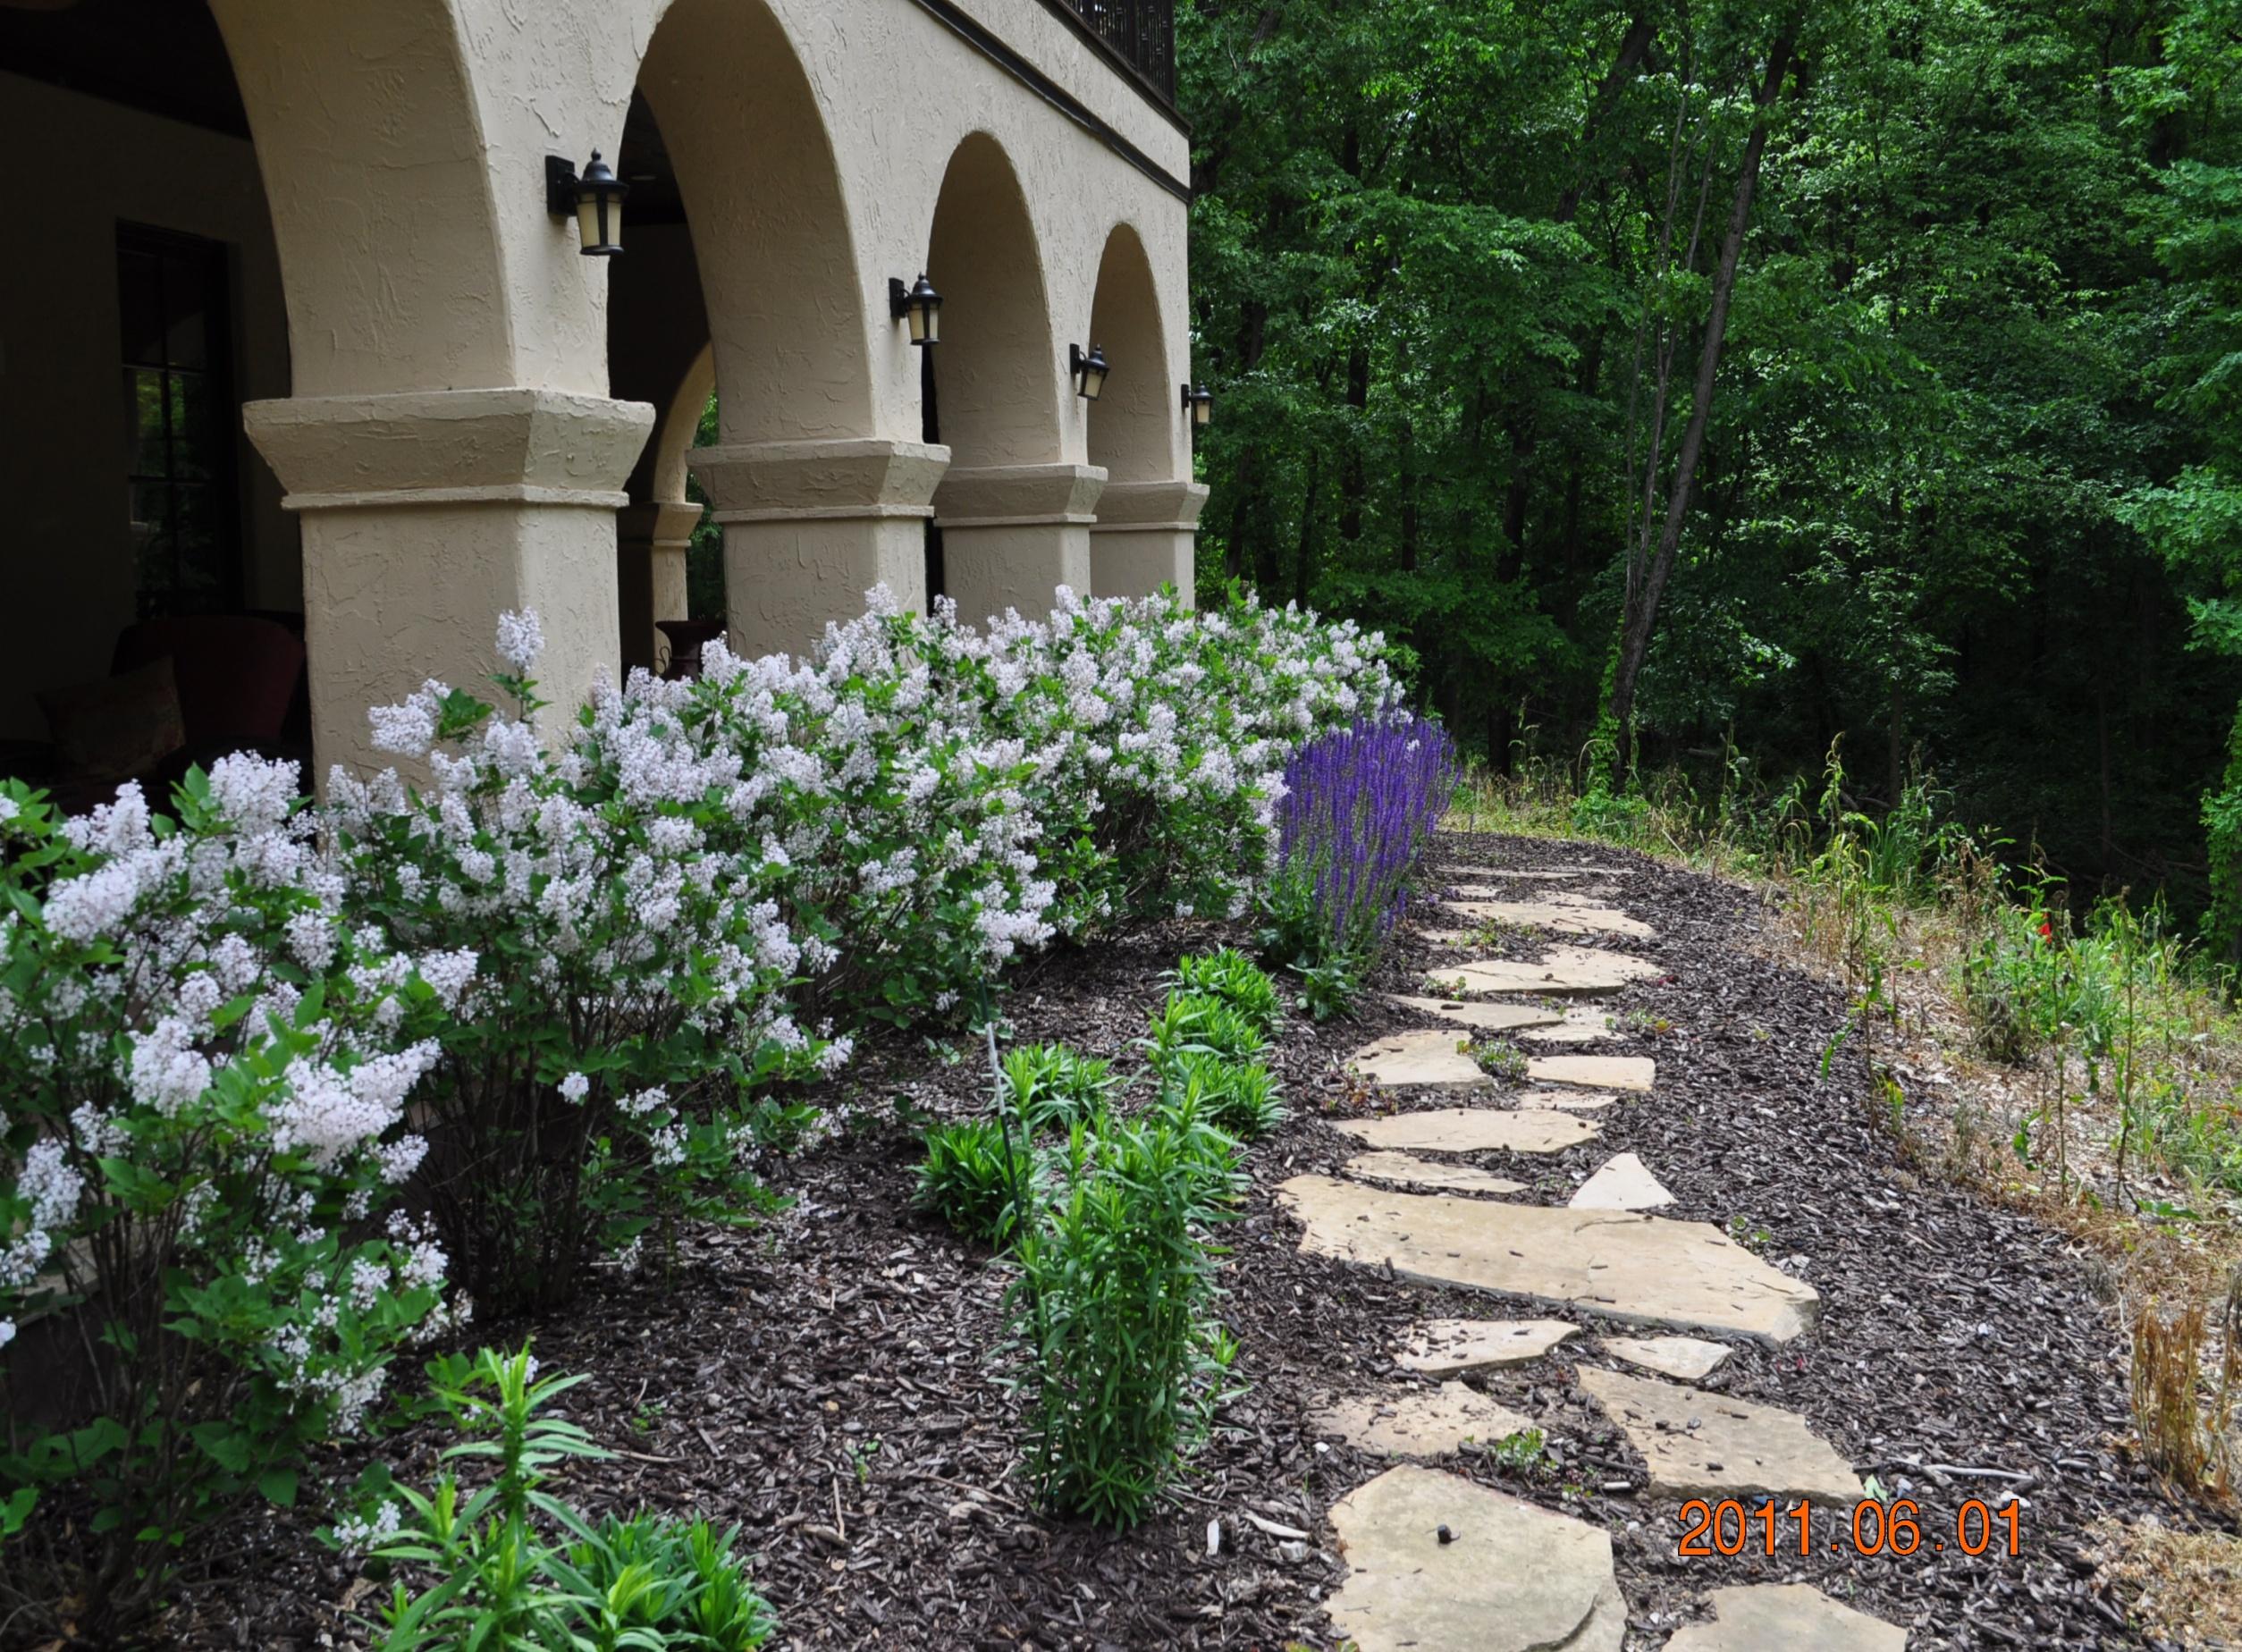 Rockford landscaping